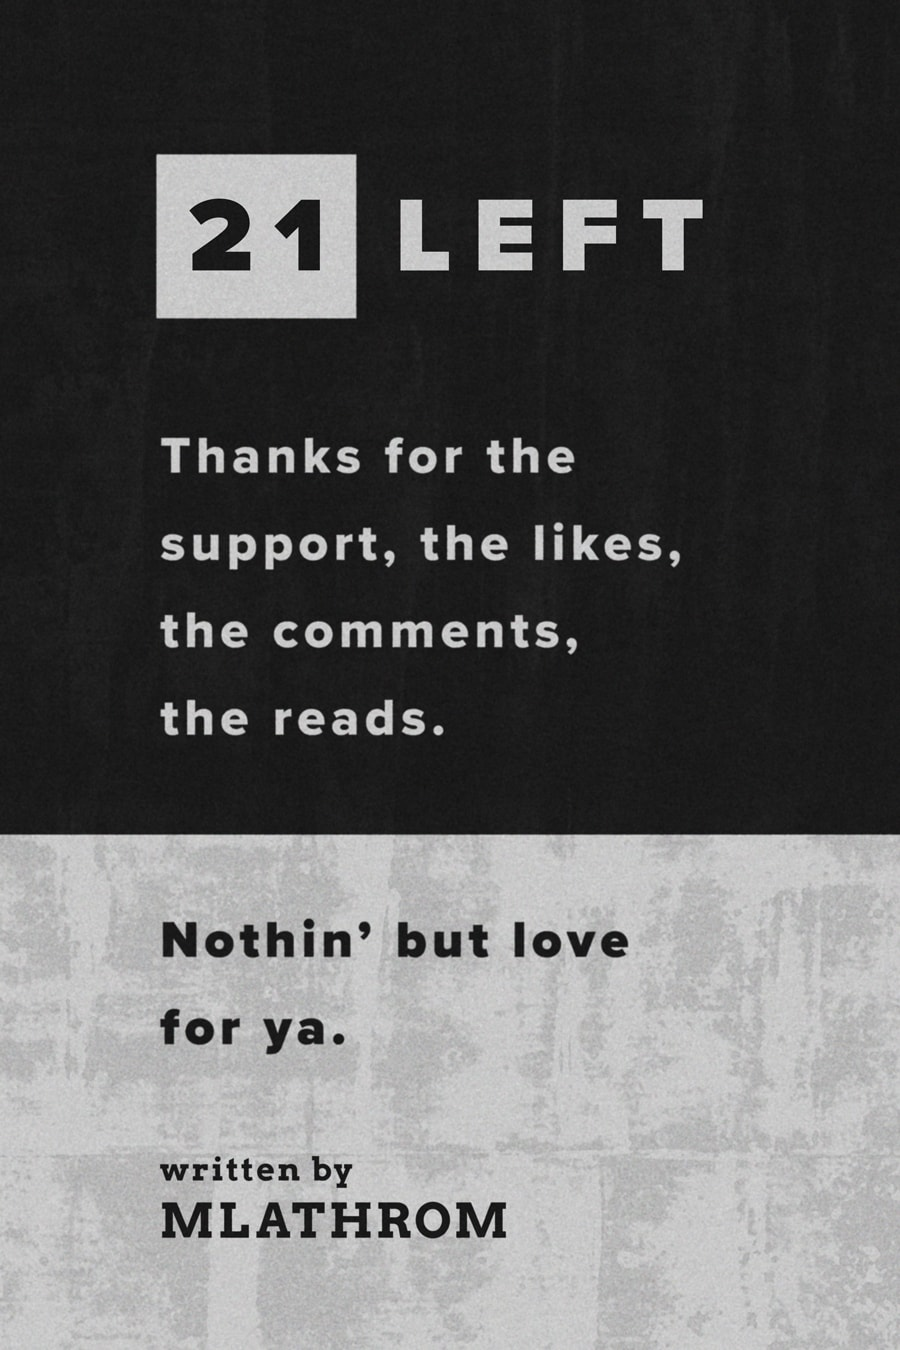 21 Left Poster